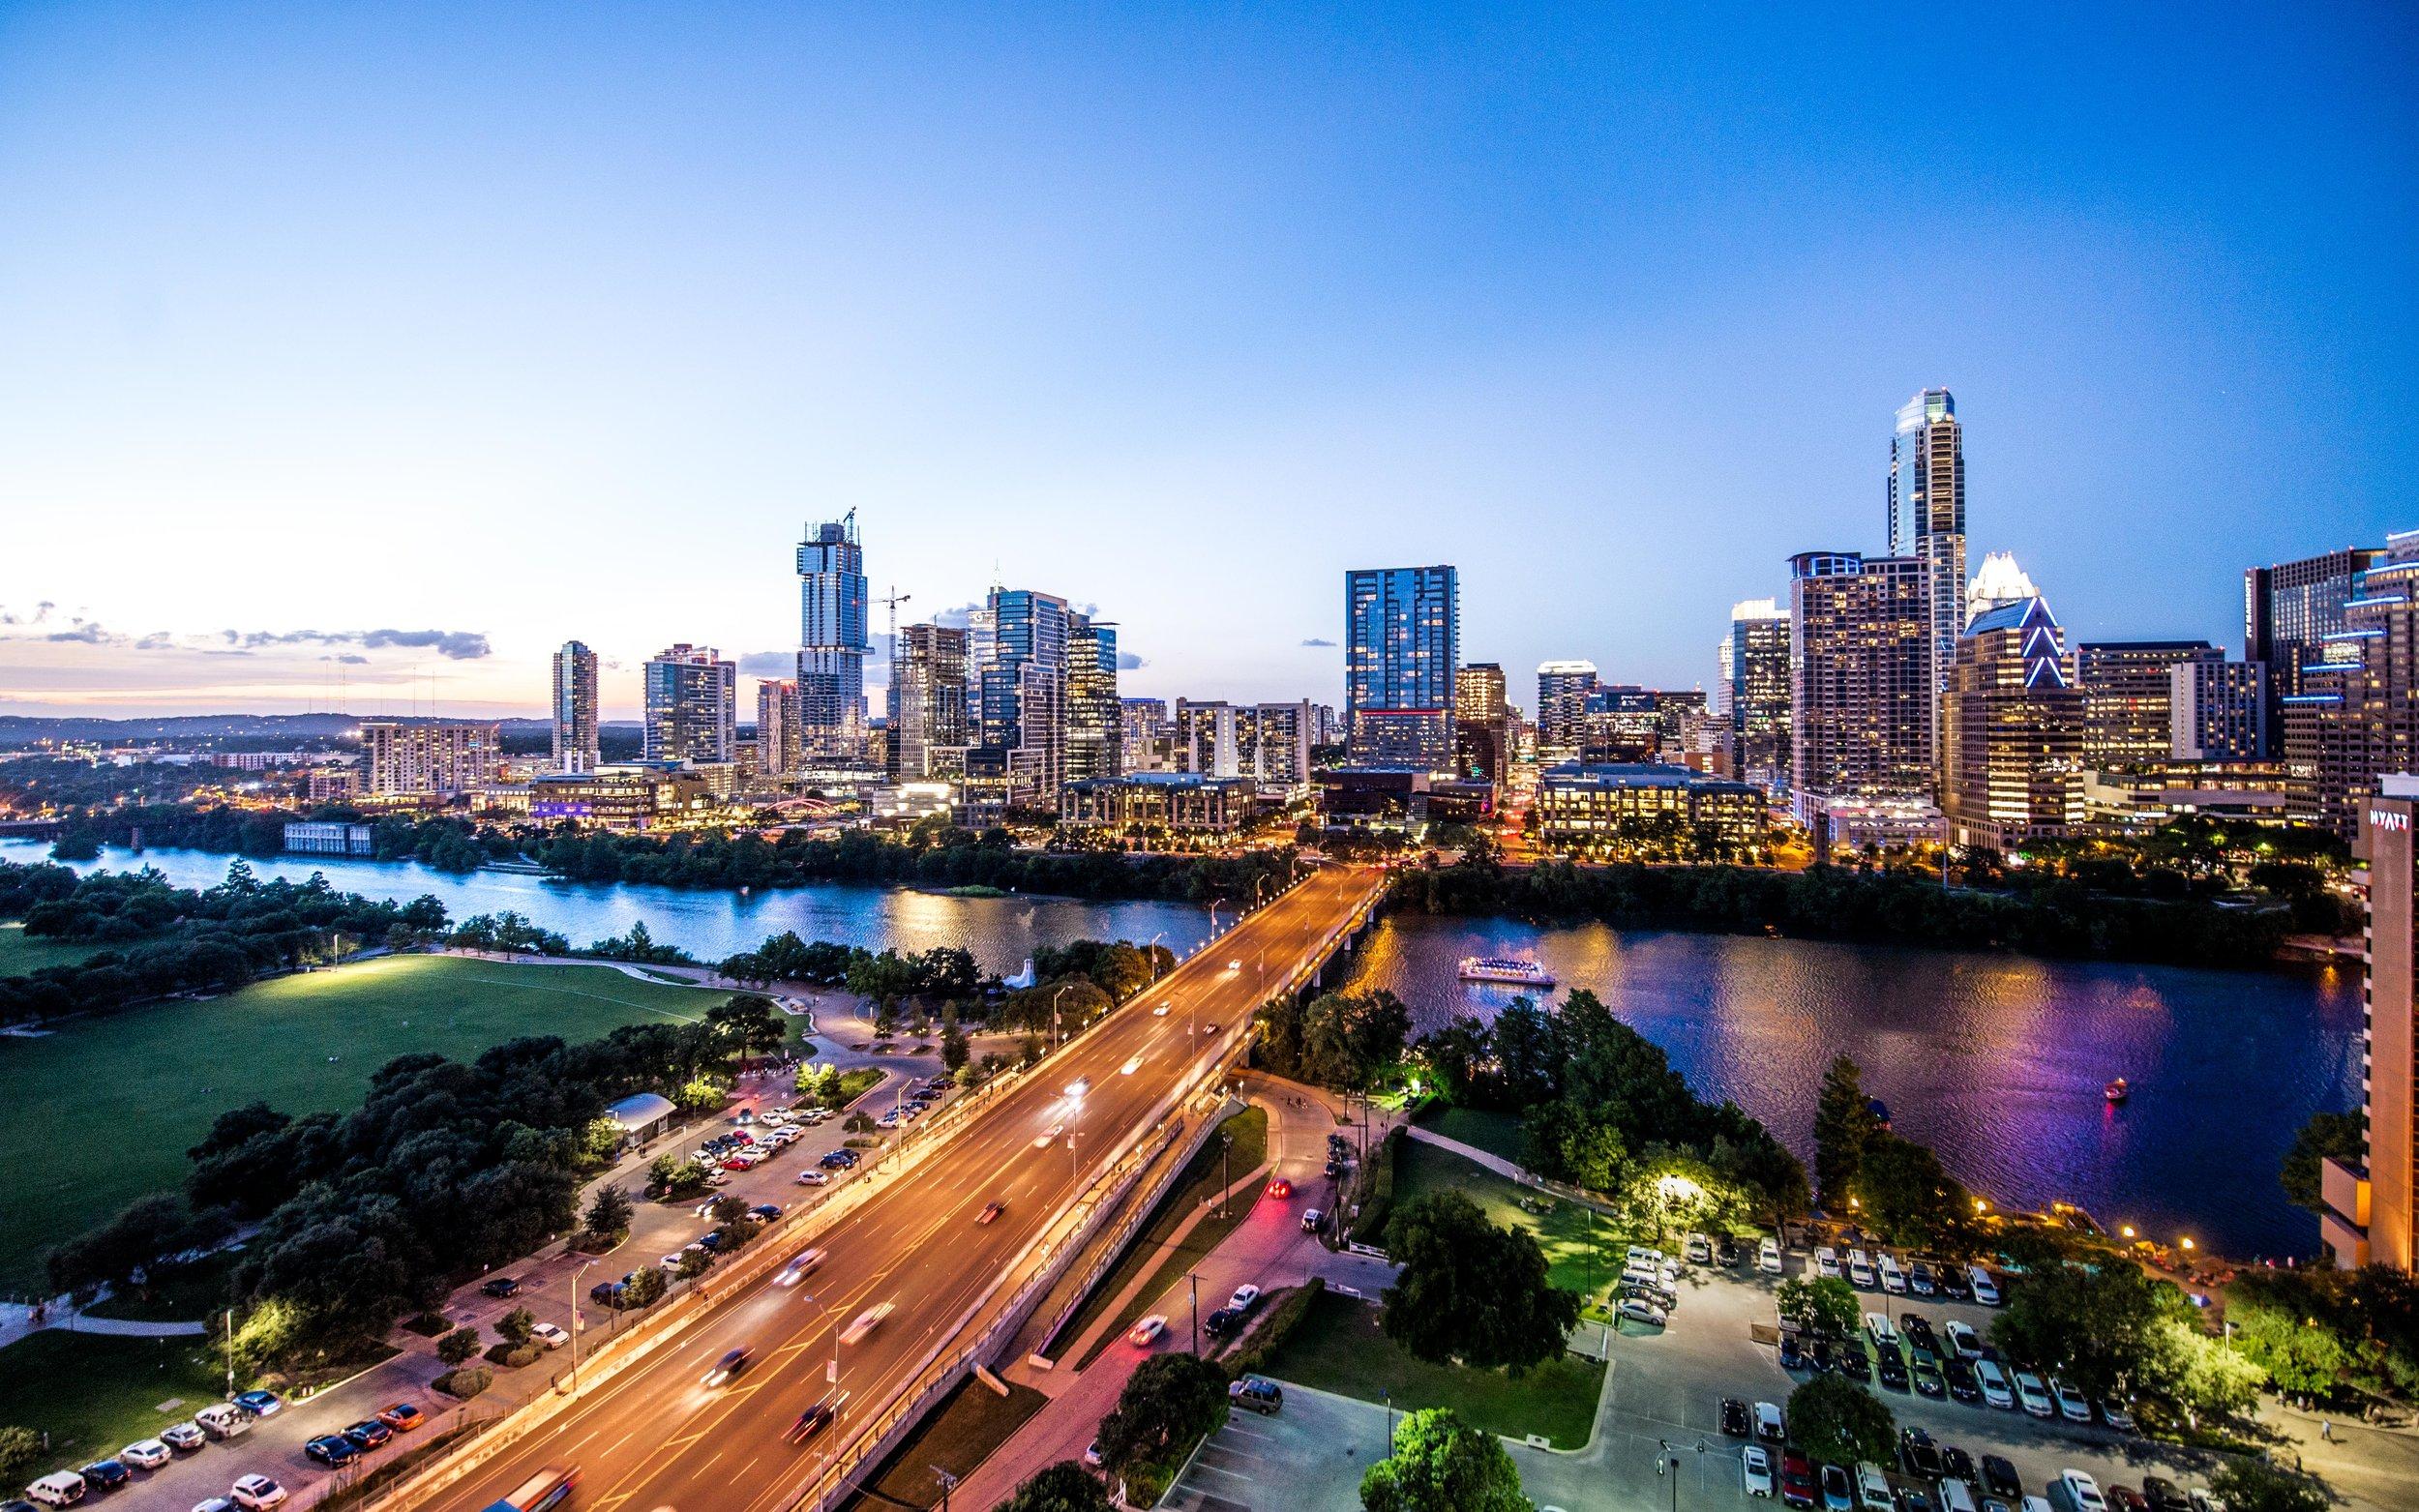 Austin, Texas and SXSW -